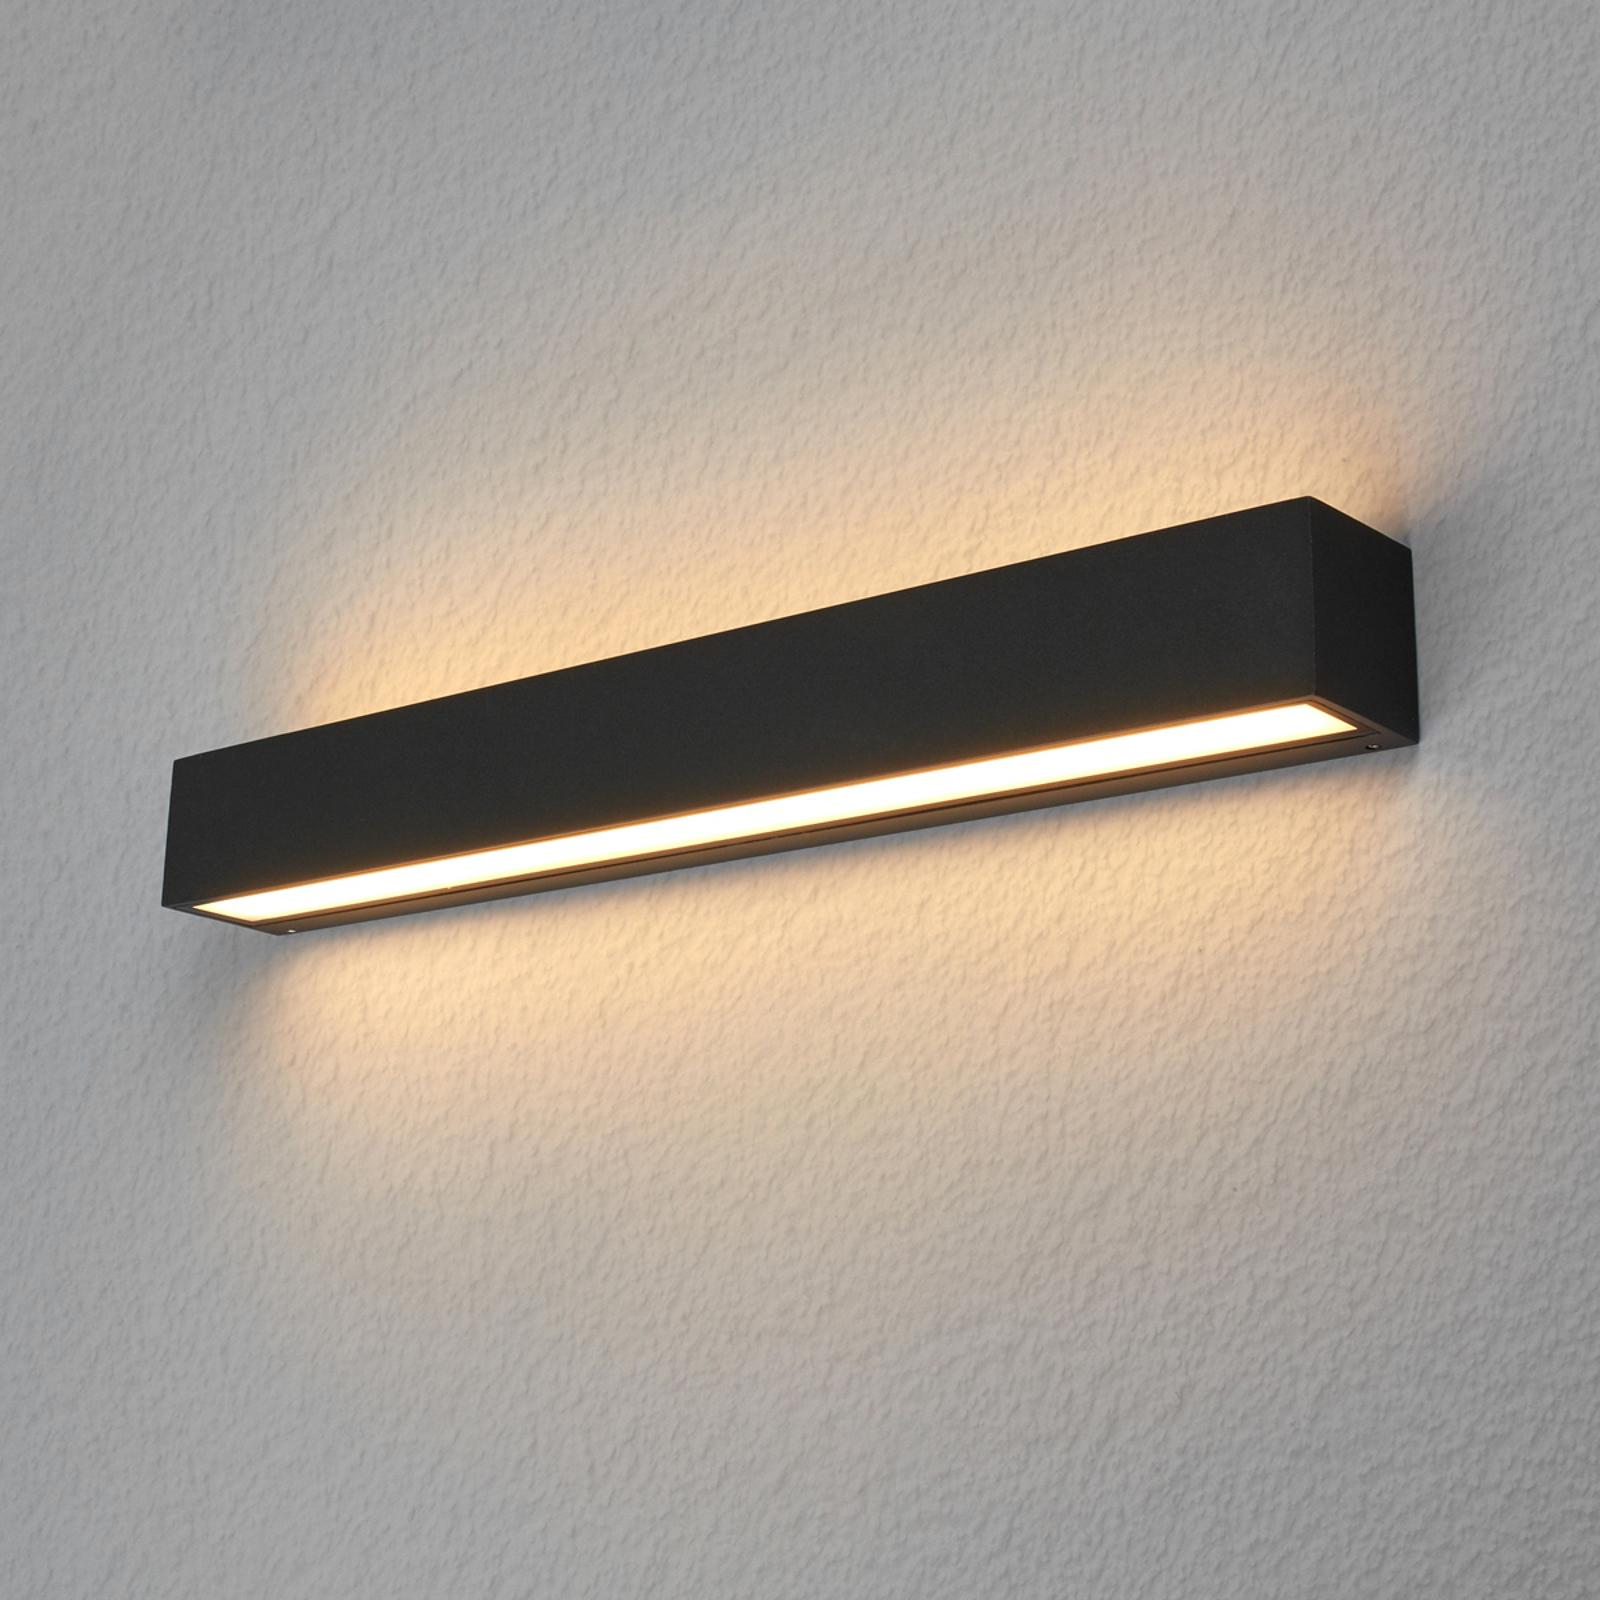 Lucande Lengo LED-vegglampe, 50 cm, grafitt, 2-lk.